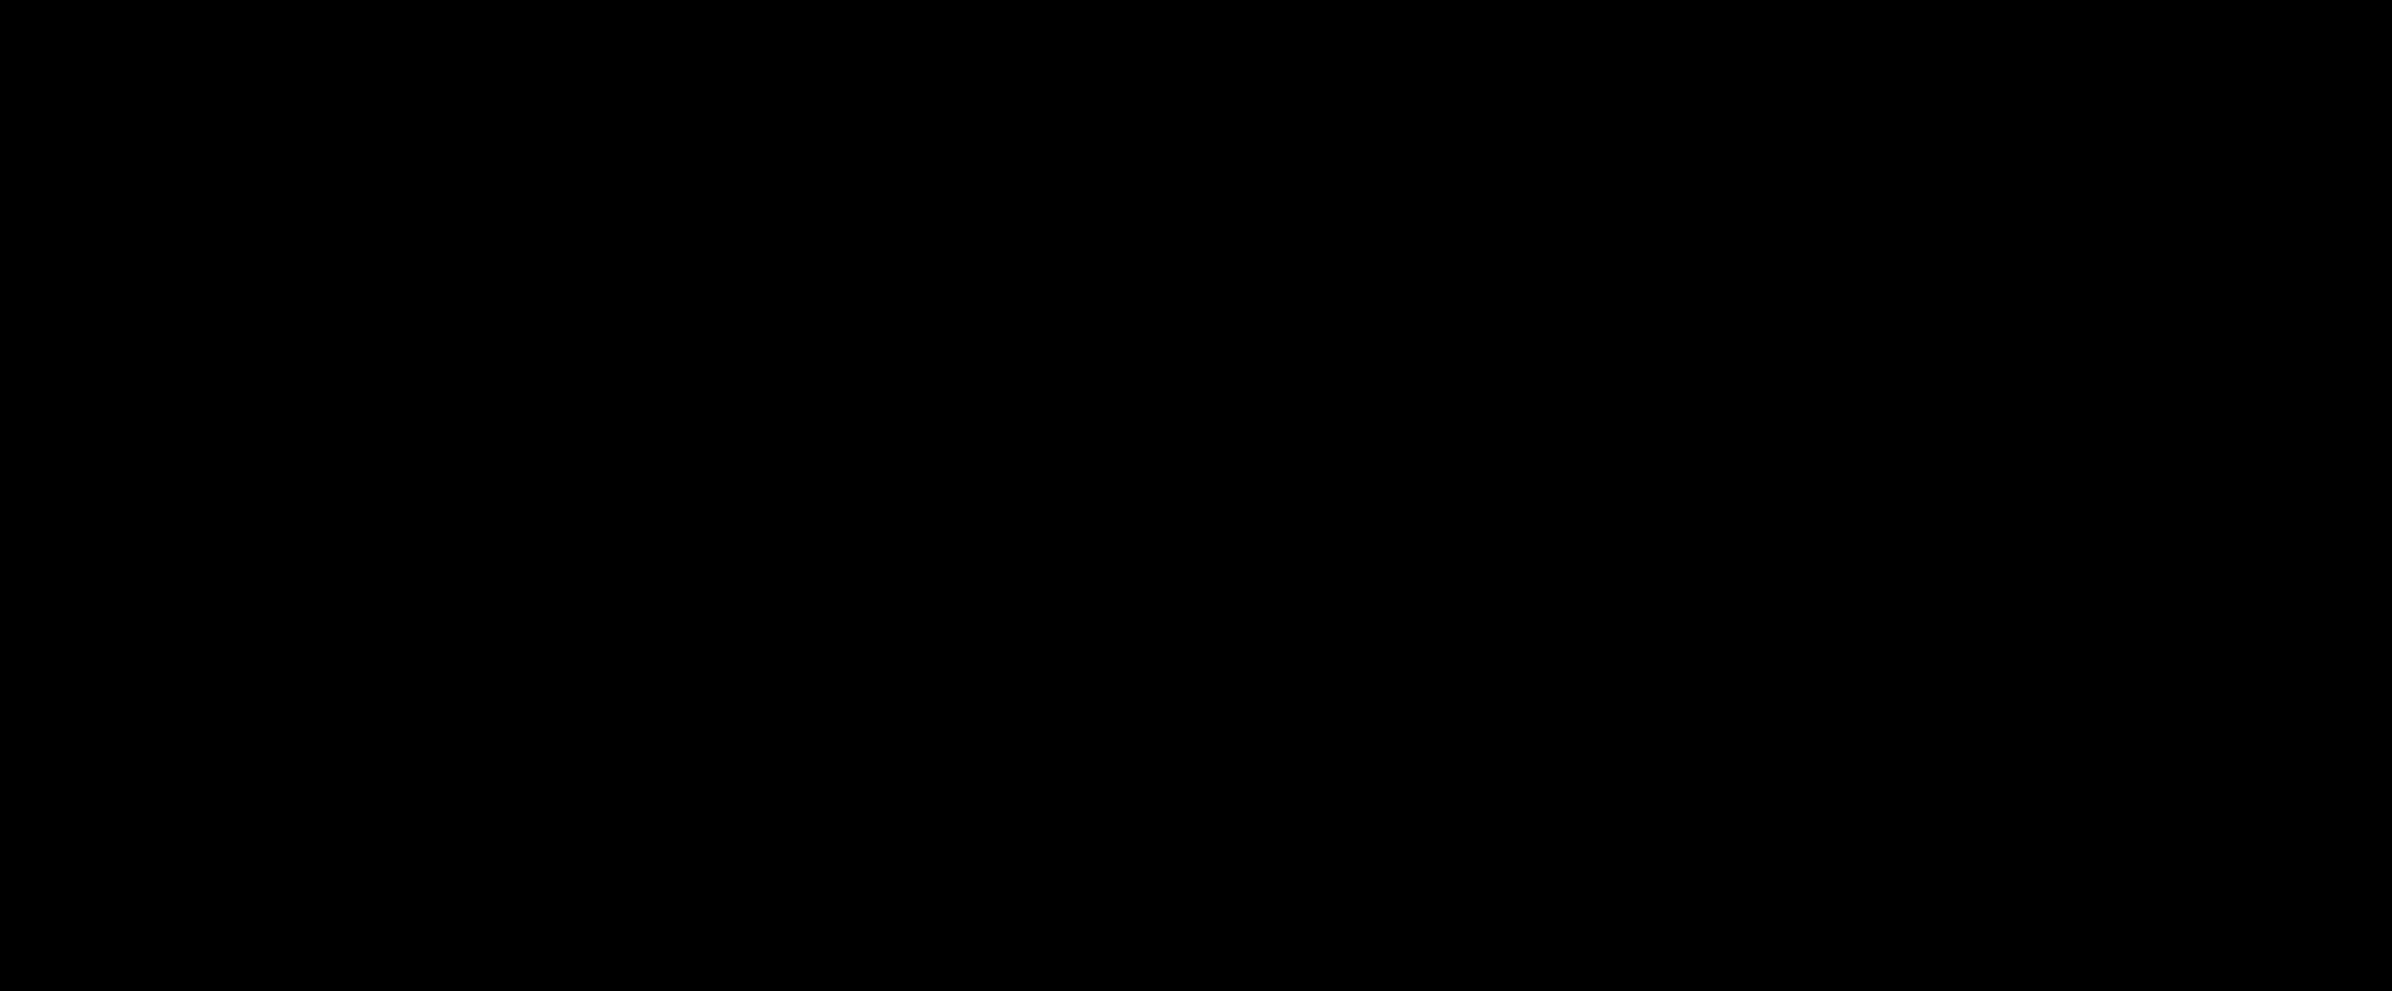 Transparent slime clipart - Bolt Clipart